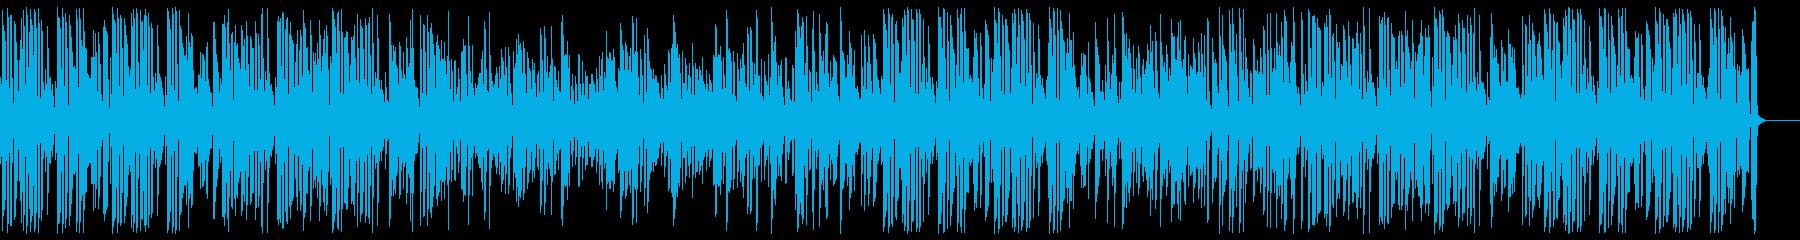 お洒落かっこいい疾走感 ジャズピアノの再生済みの波形